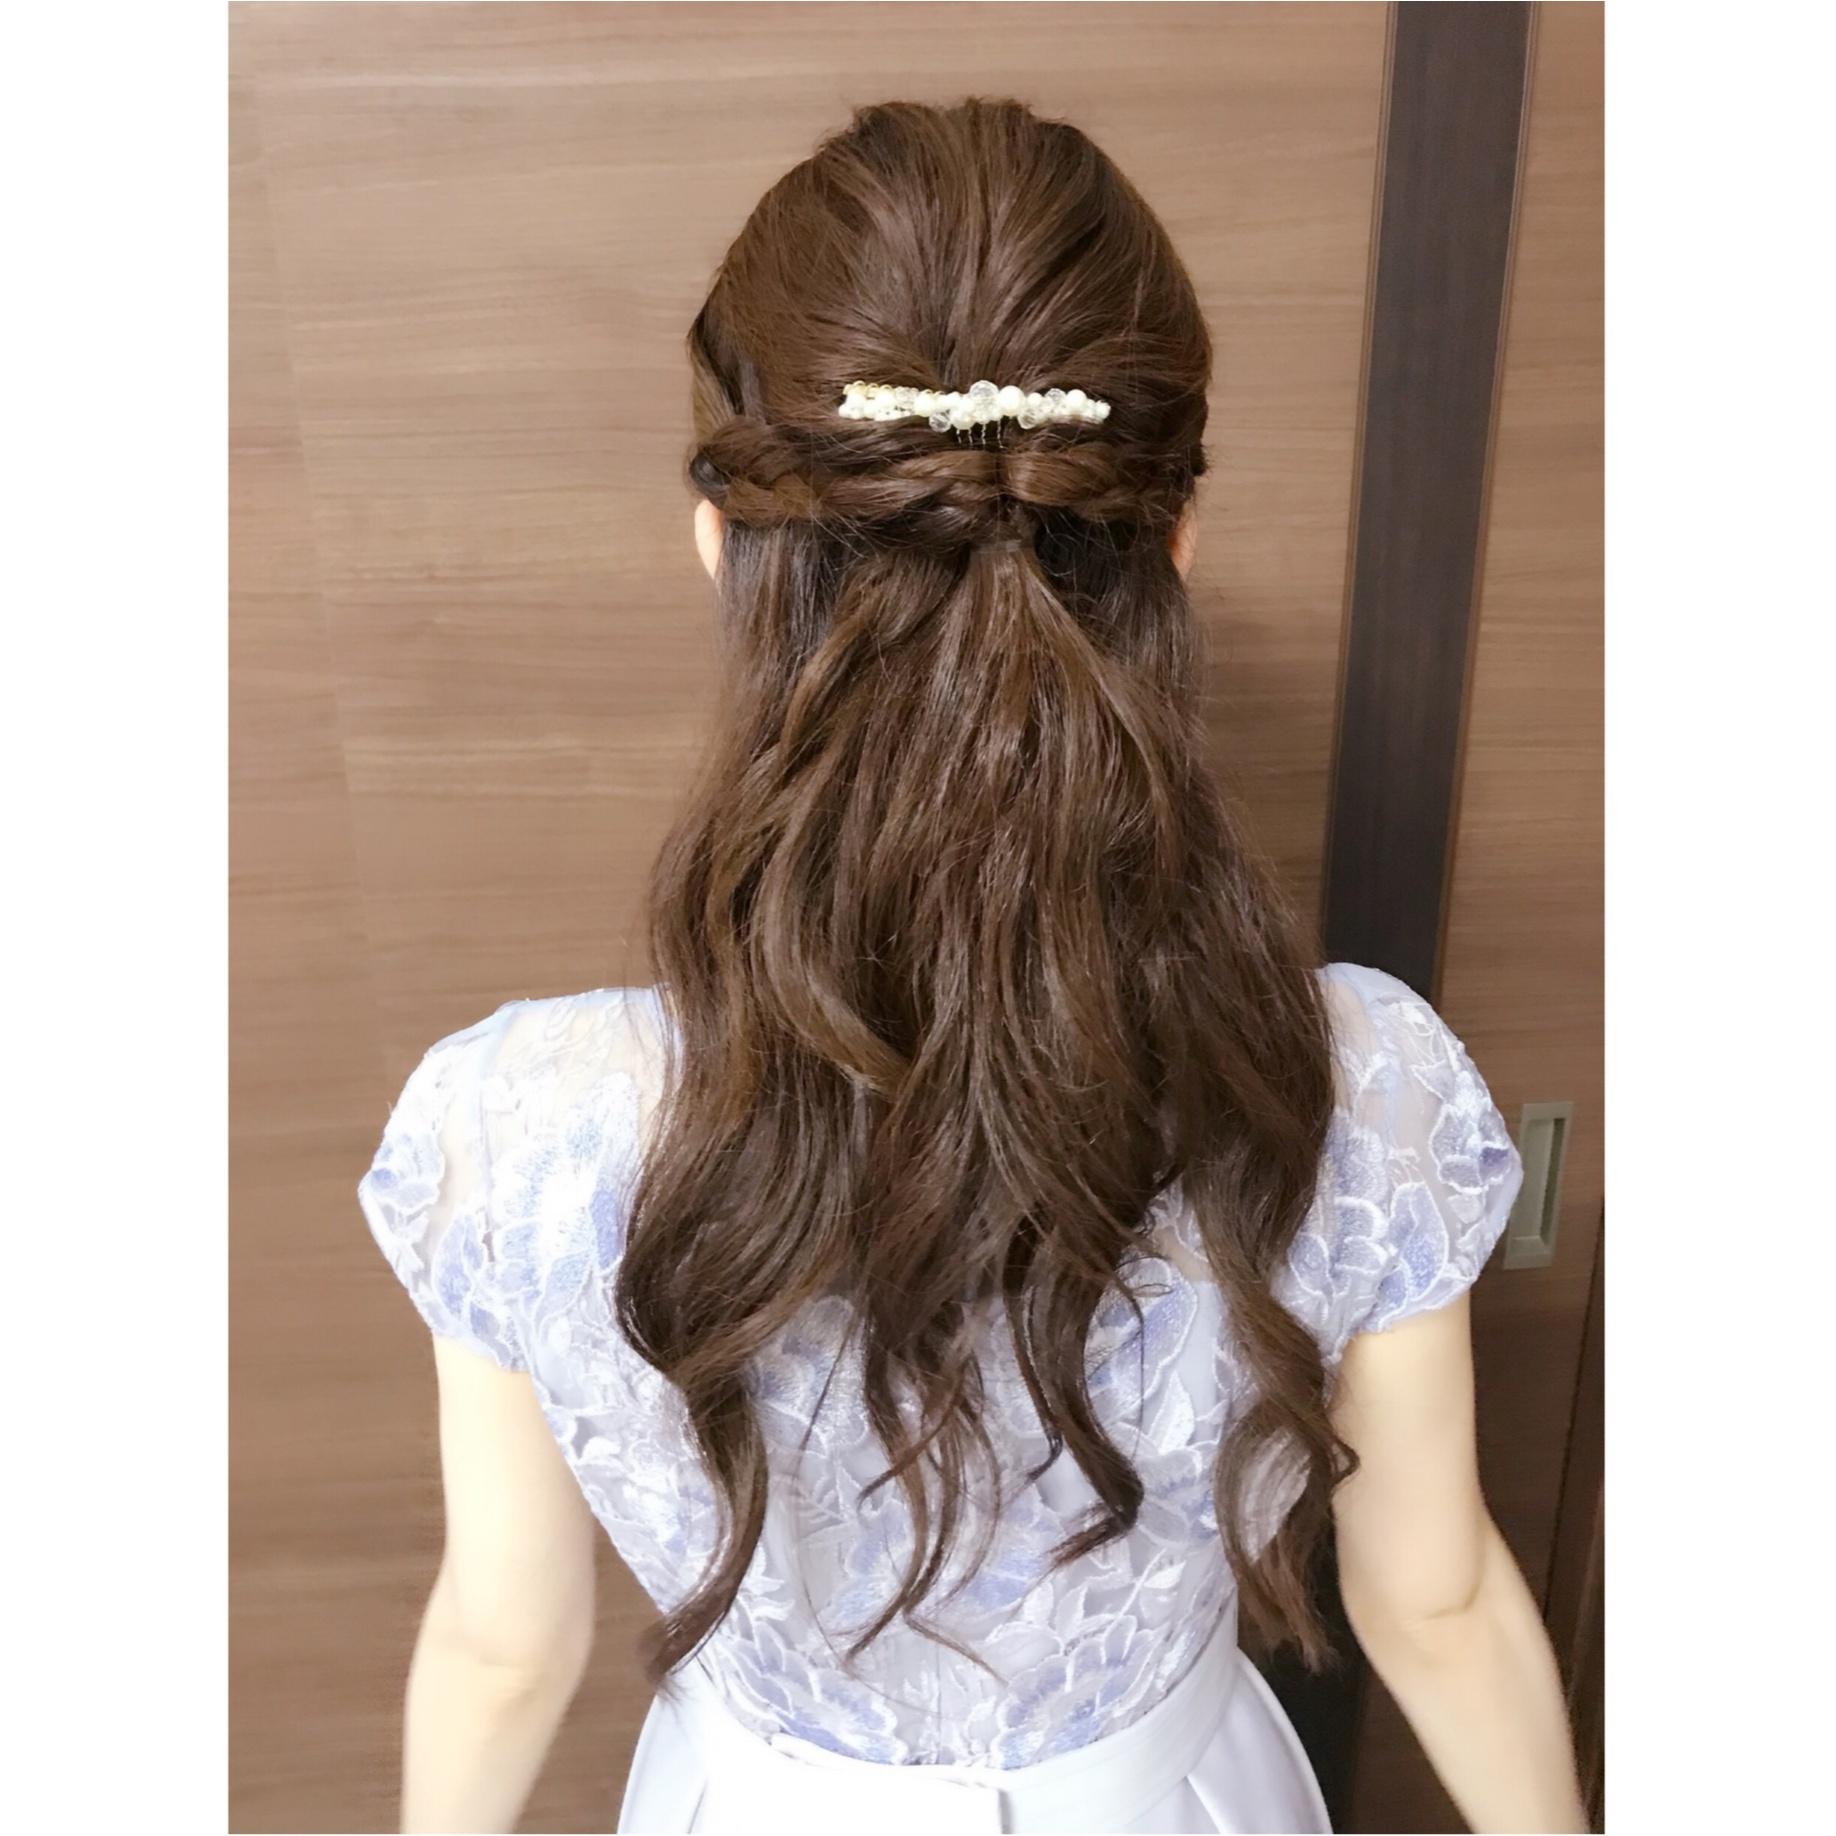 結婚式特集《髪型編》, 簡単にできるお招ばれヘアアレンジや